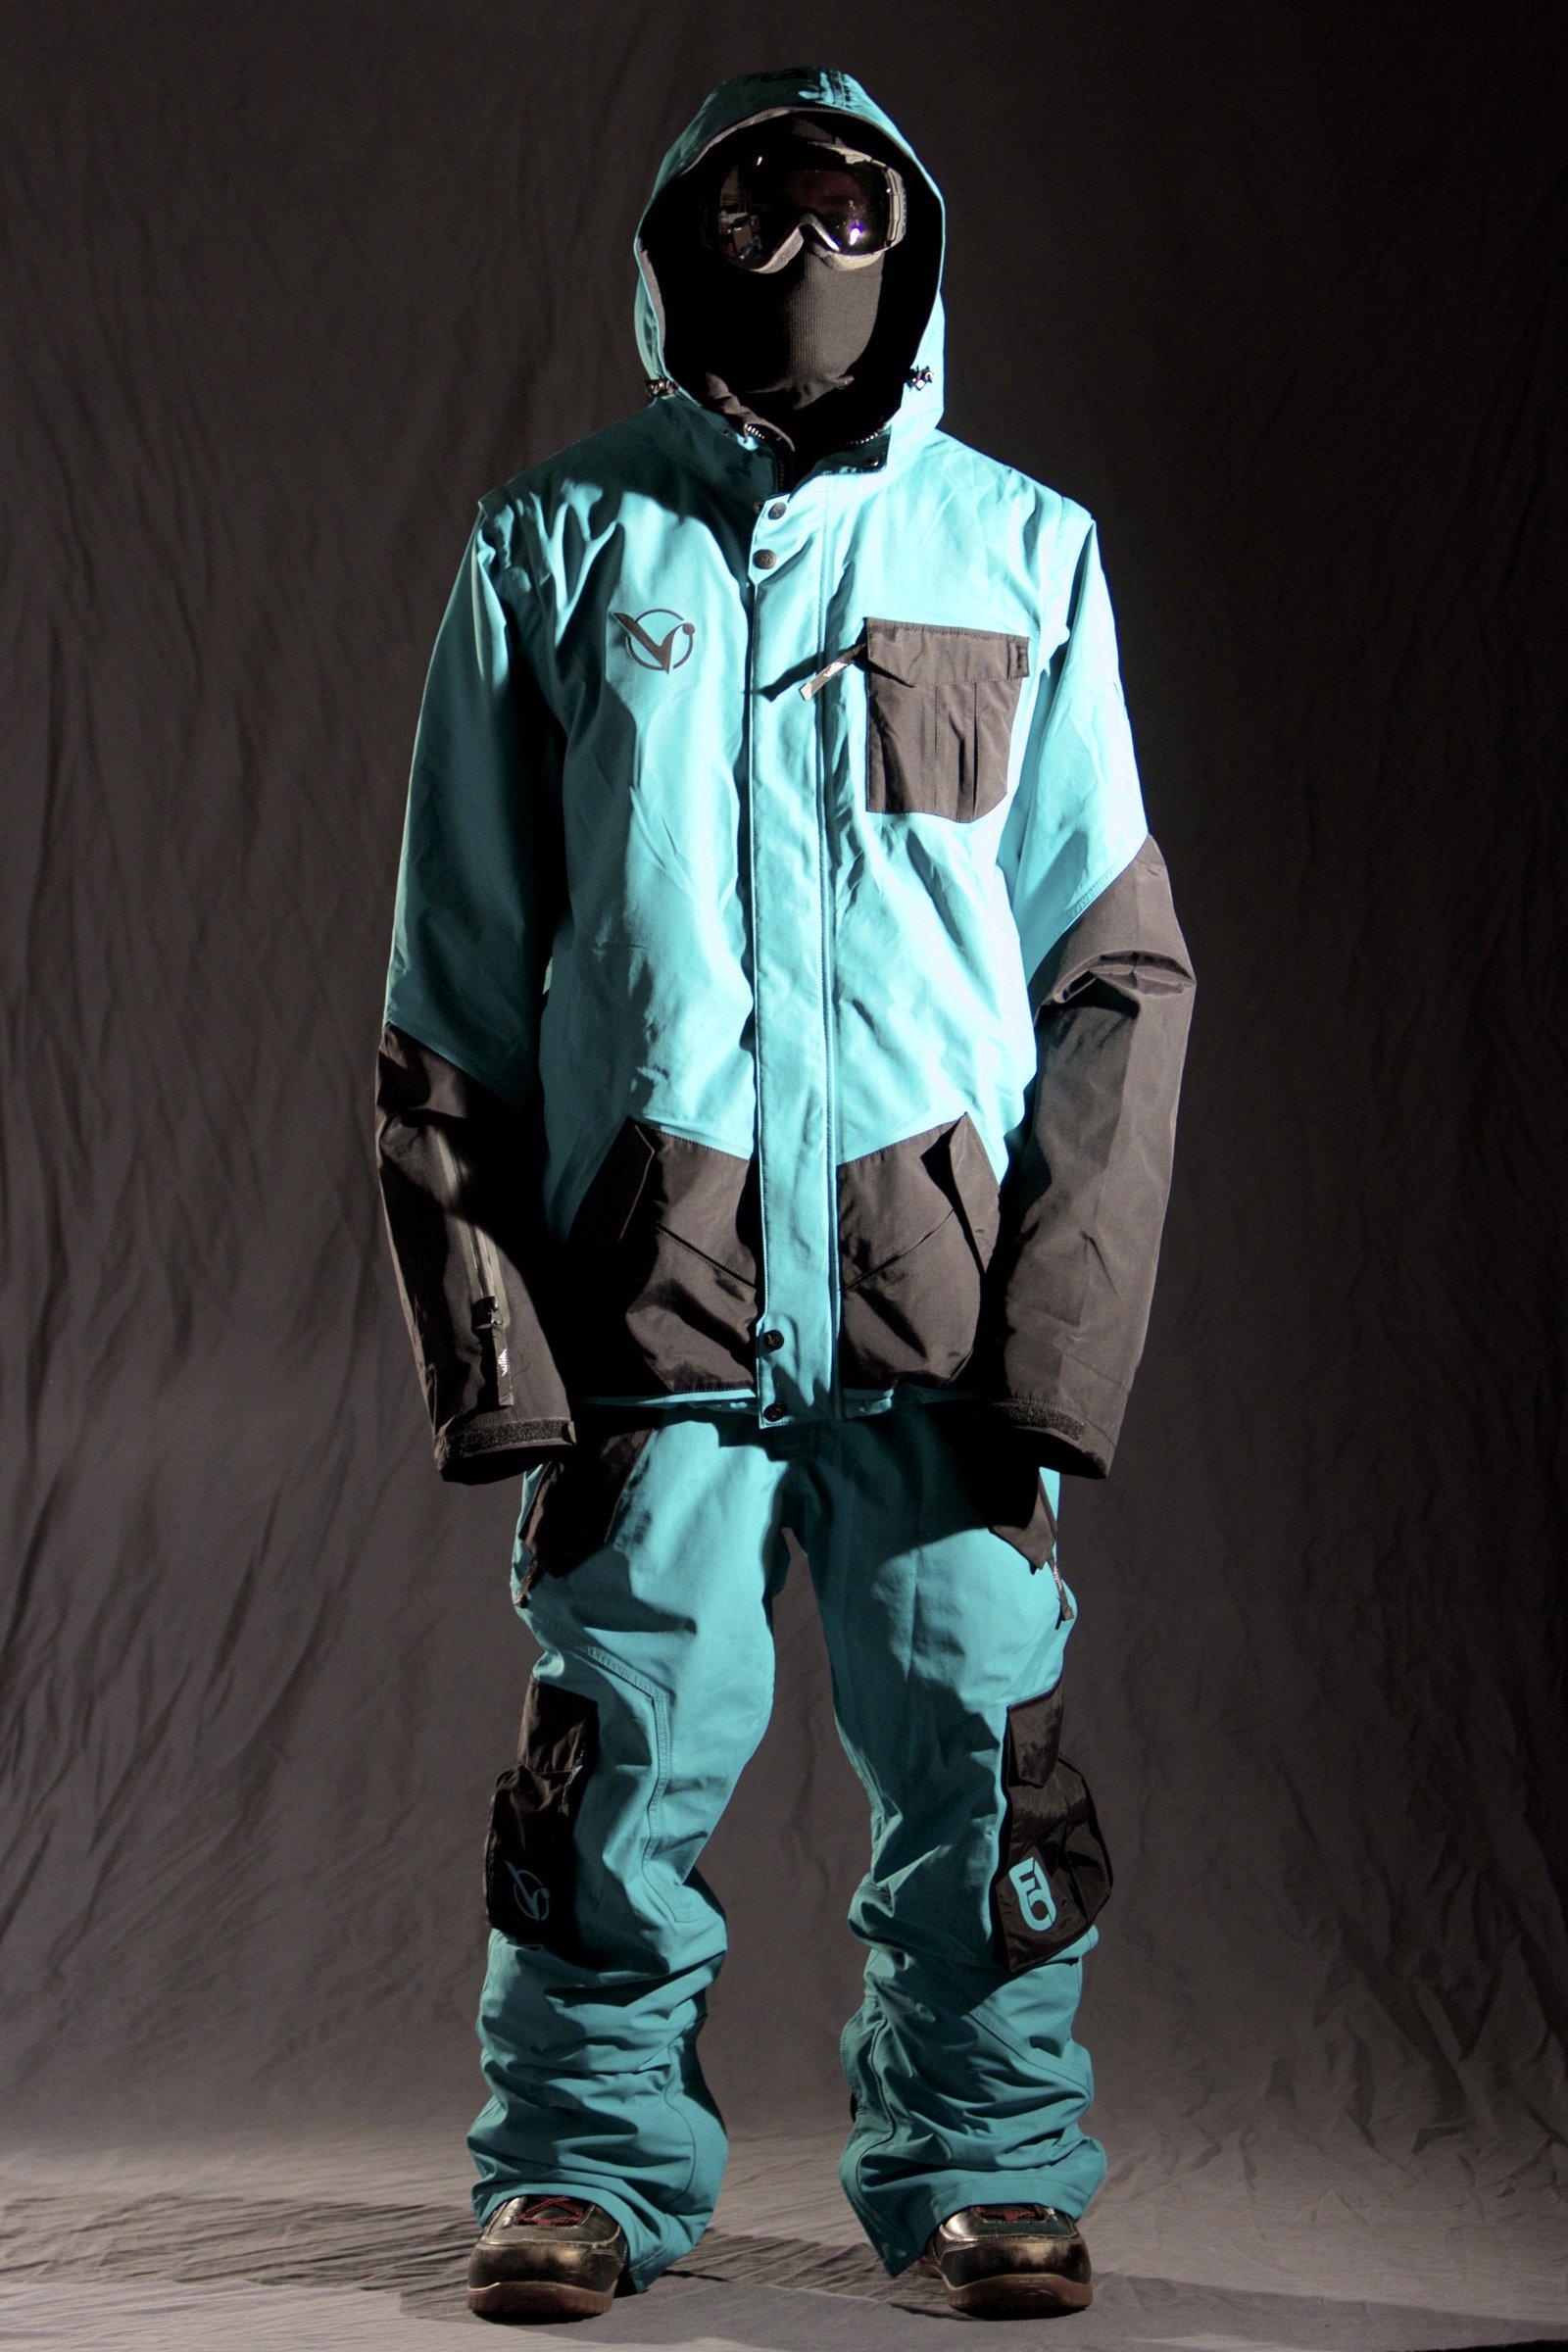 Triple L suit